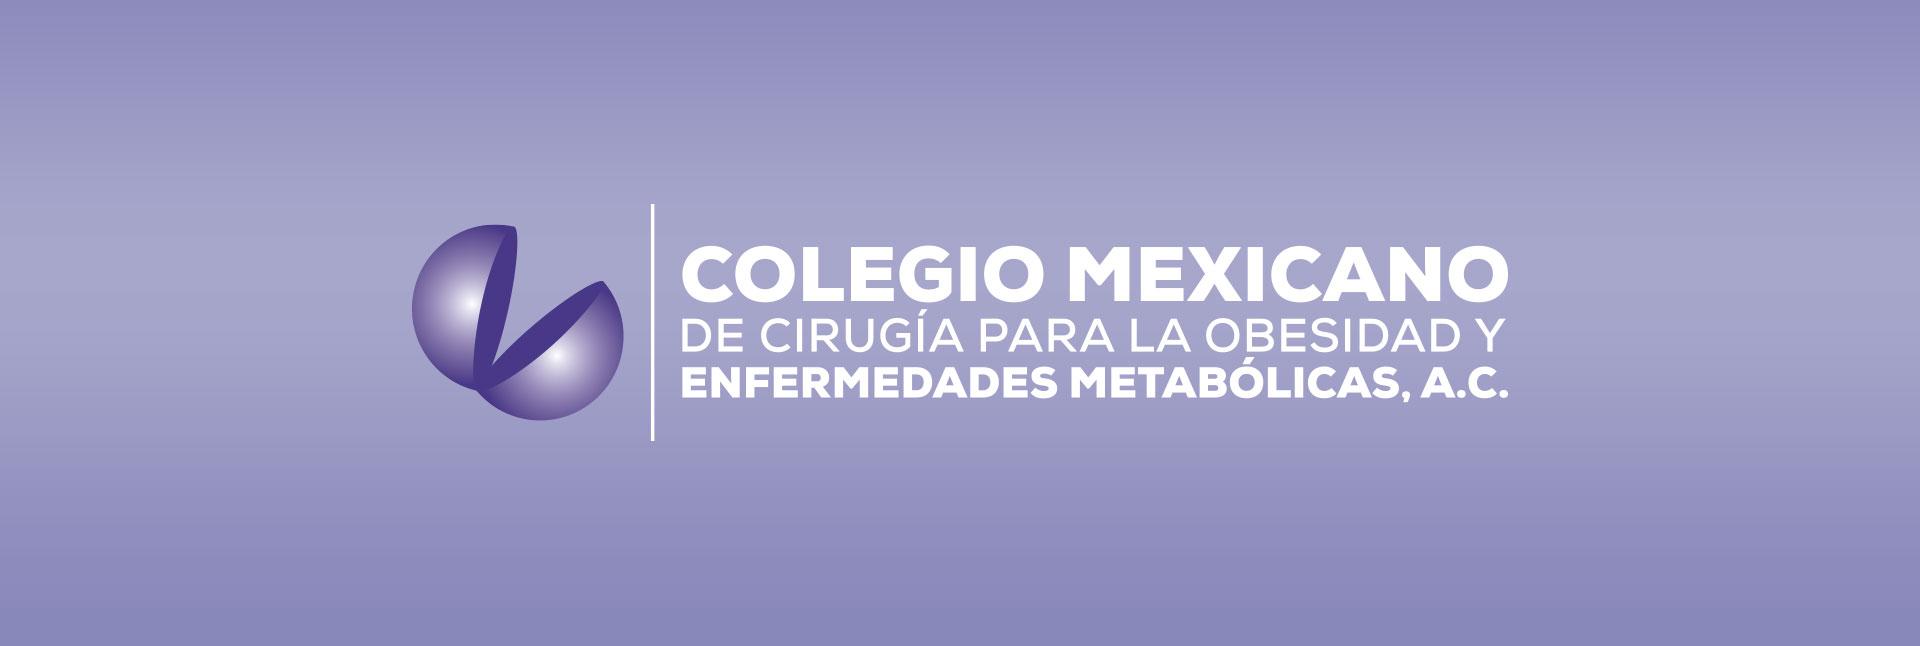 Reforzar acciones en materia de tratamiento al sobrepeso y obesidad, suma a los esfuerzos para atender este grave problema de salud pública